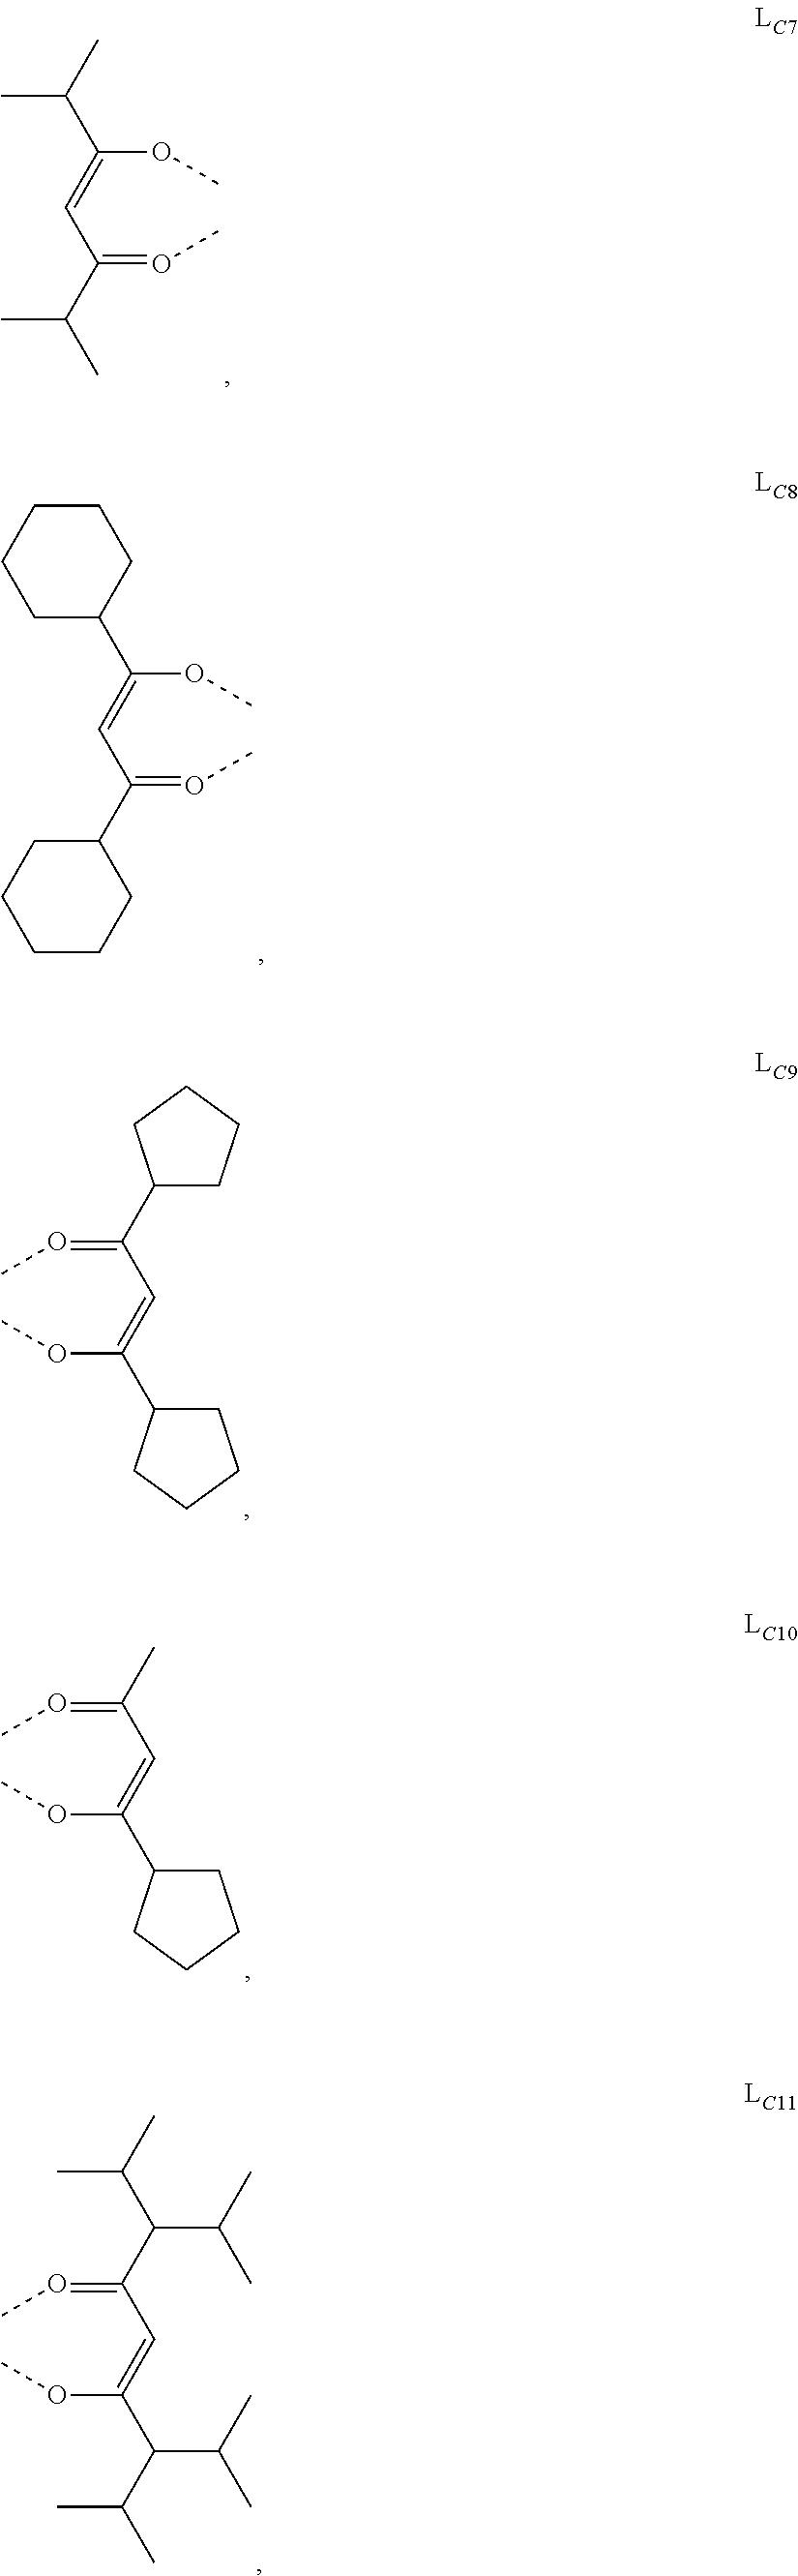 Figure US20170229663A1-20170810-C00281